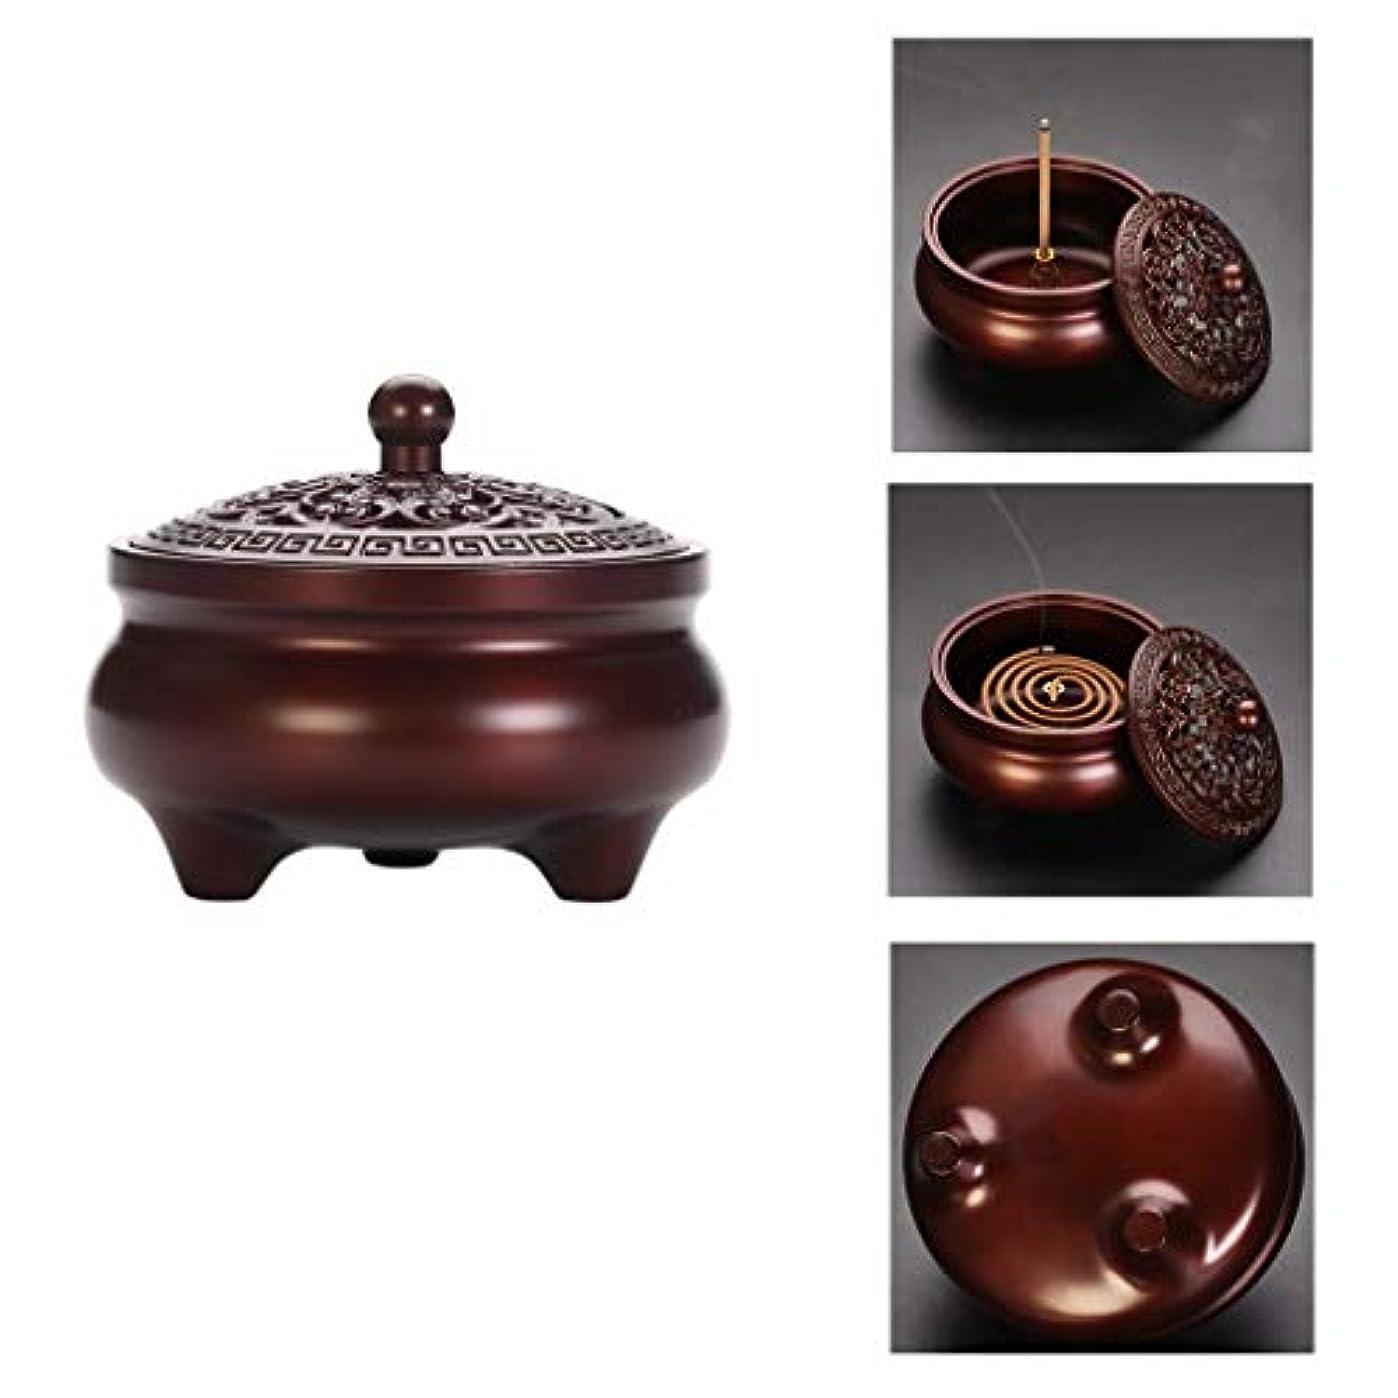 遅い対応パッチホームアロマバーナー 純銅製メカニズム香炉シンプルでエレガントな香炉内三脚アロマセラピー炉 アロマバーナー (Color : Purple Lotus)